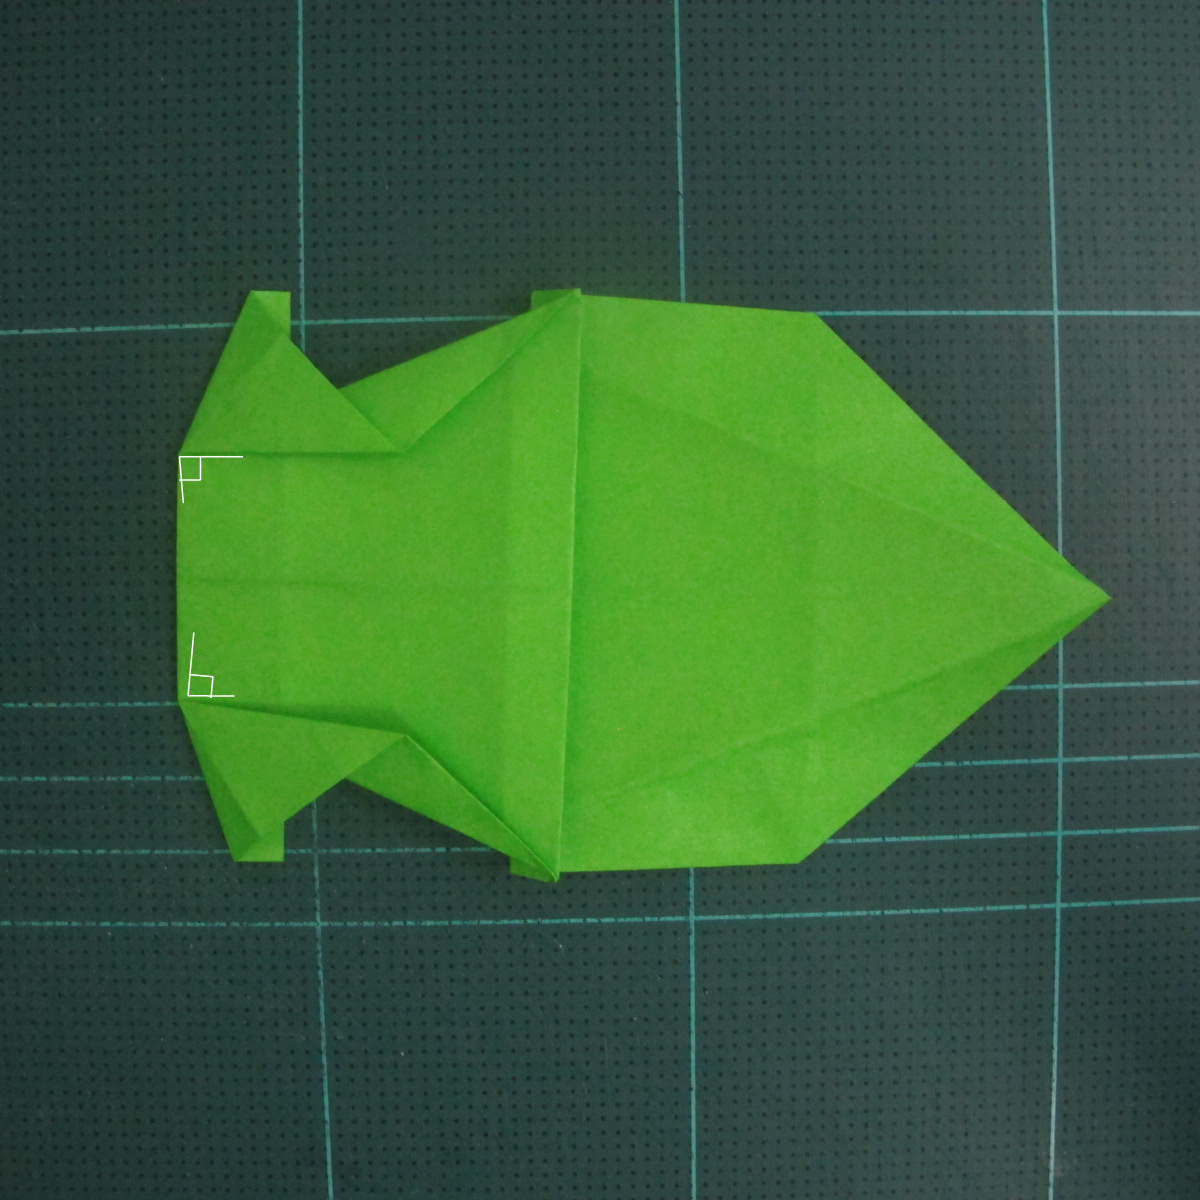 การพับกระดาษเป็นรูปแรด (Origami Rhino) 021